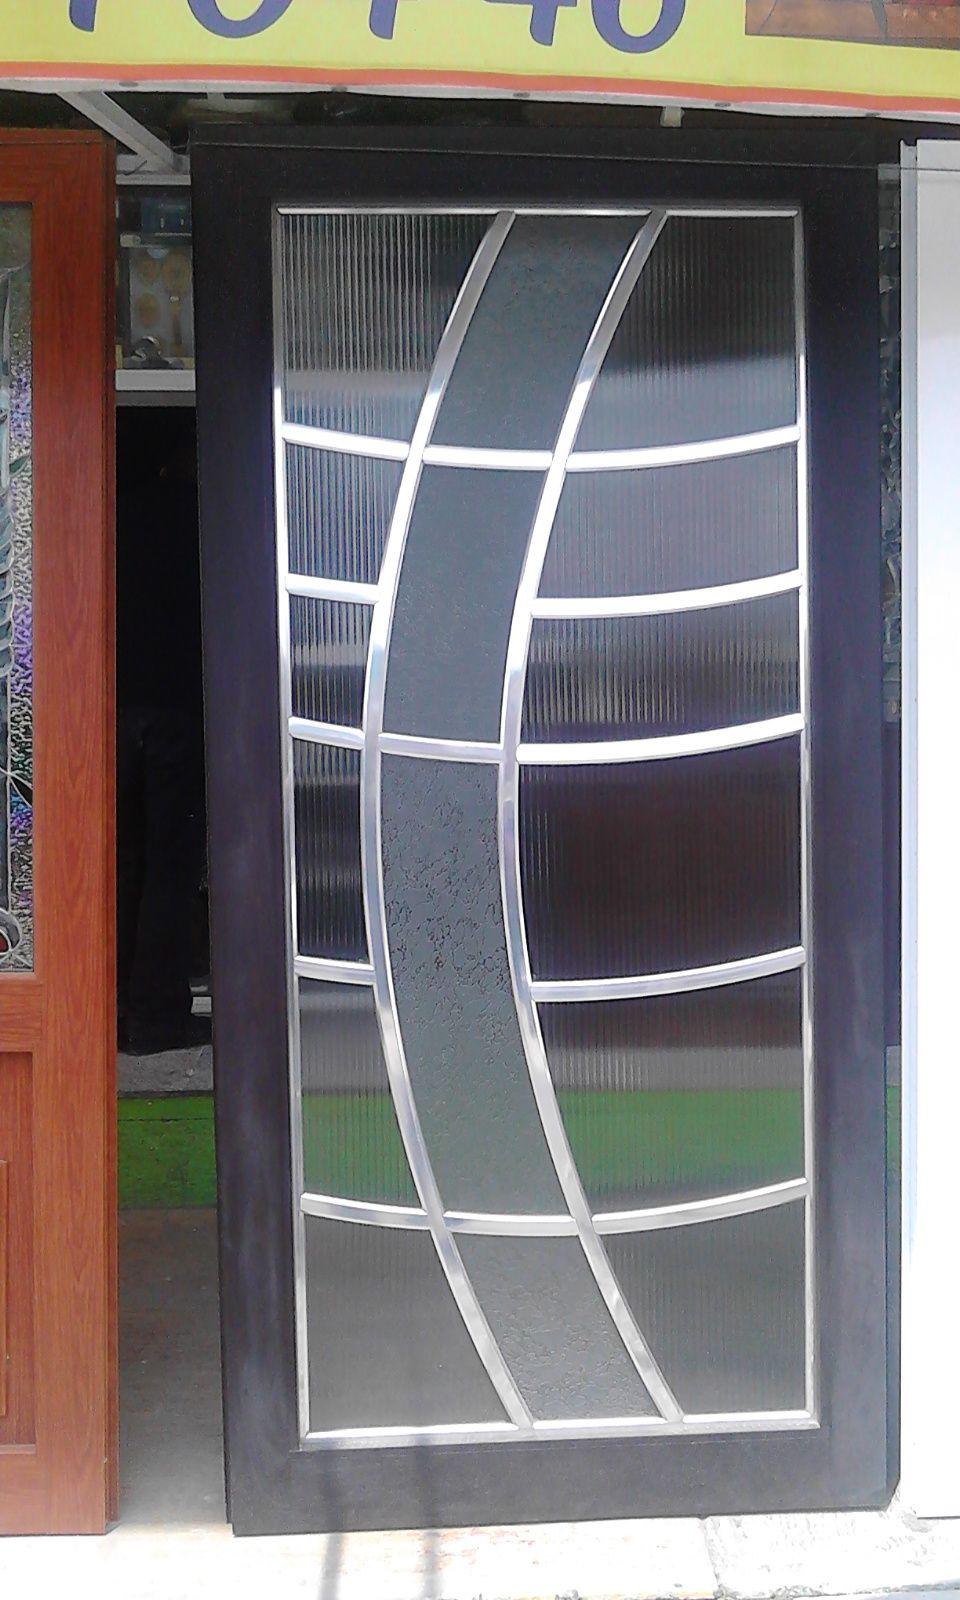 puerta de aluminio y vidrio de un fabricante de puertas ventanas y vitrales en san